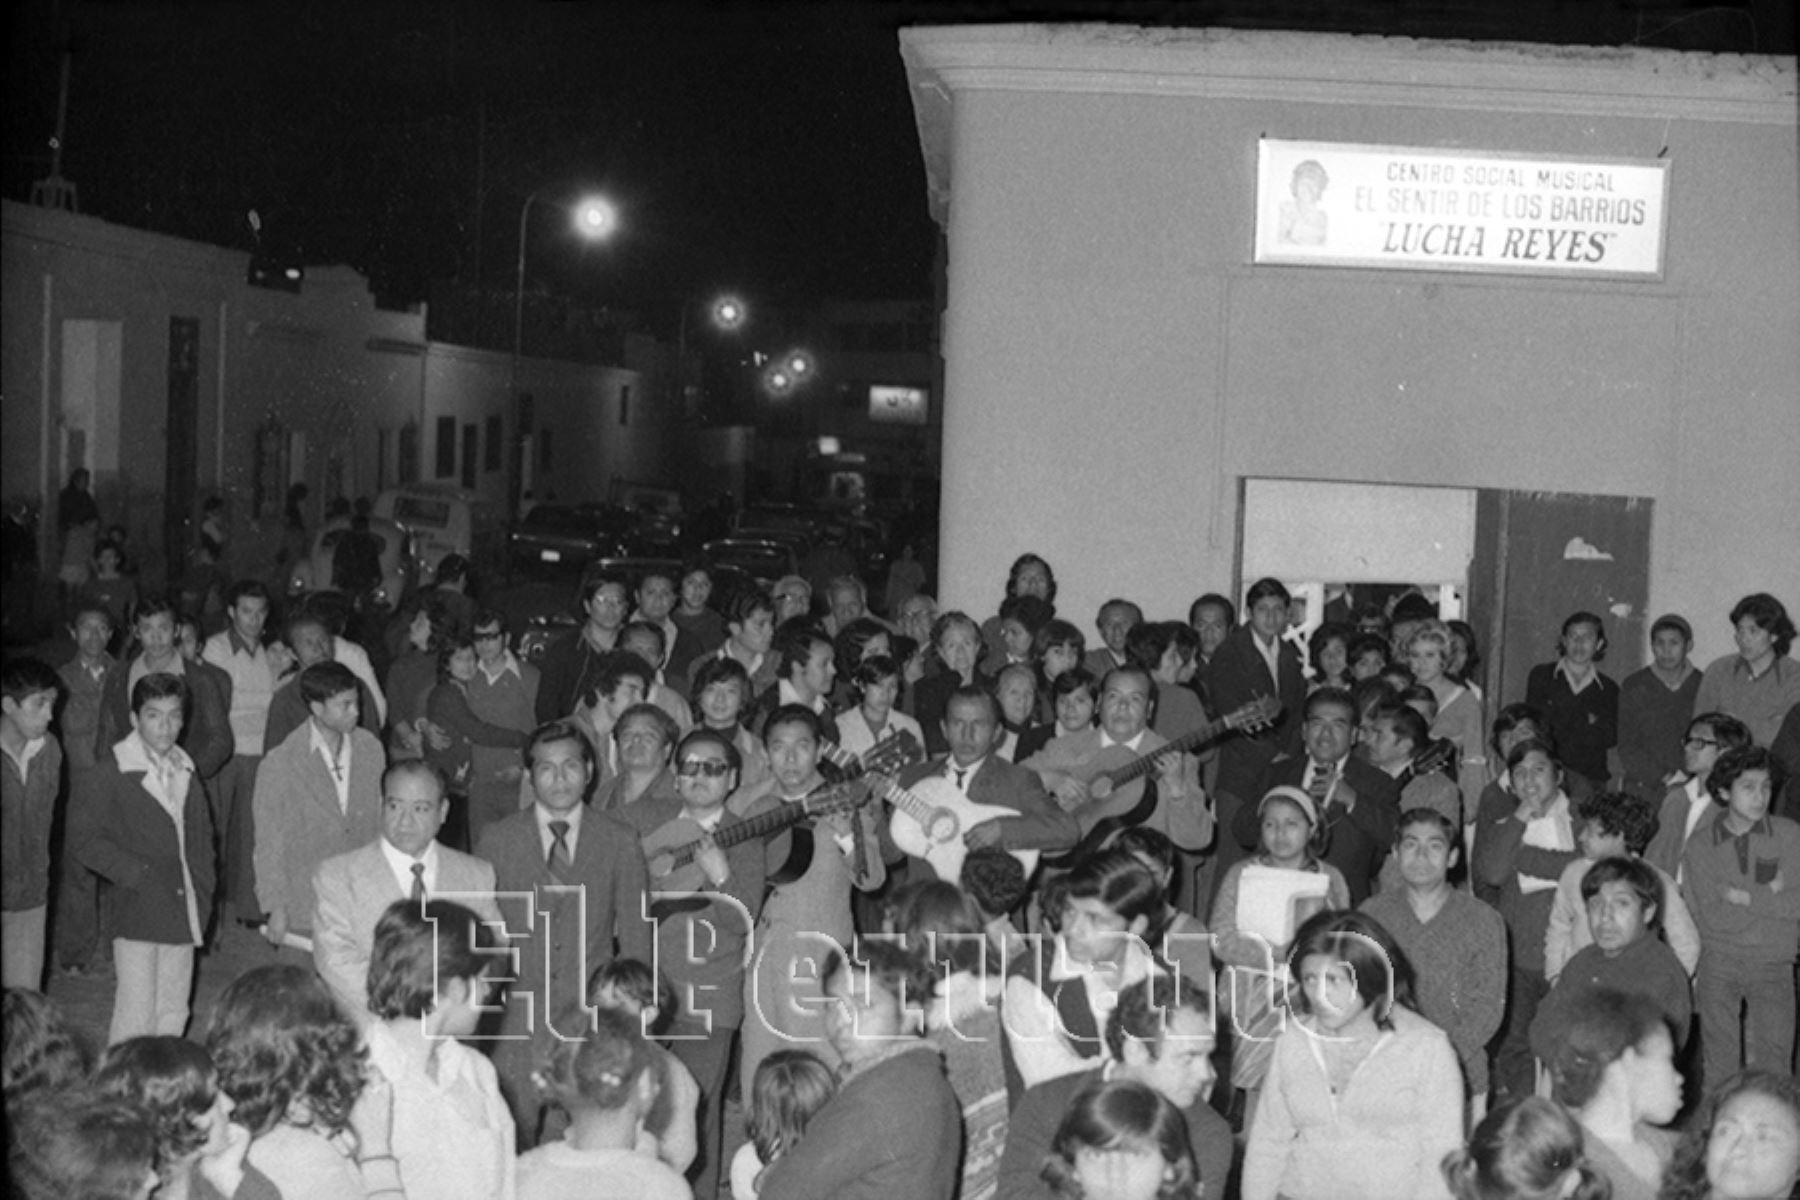 Jarana en el centro social musical Sentir de los Barrios Lucha Reyes,  al conmemorarse un año de la partida de la Morena de Oro del Perú (1974). Foto: Archivo Histórico de El Peruano/Orlando Adrianzén.